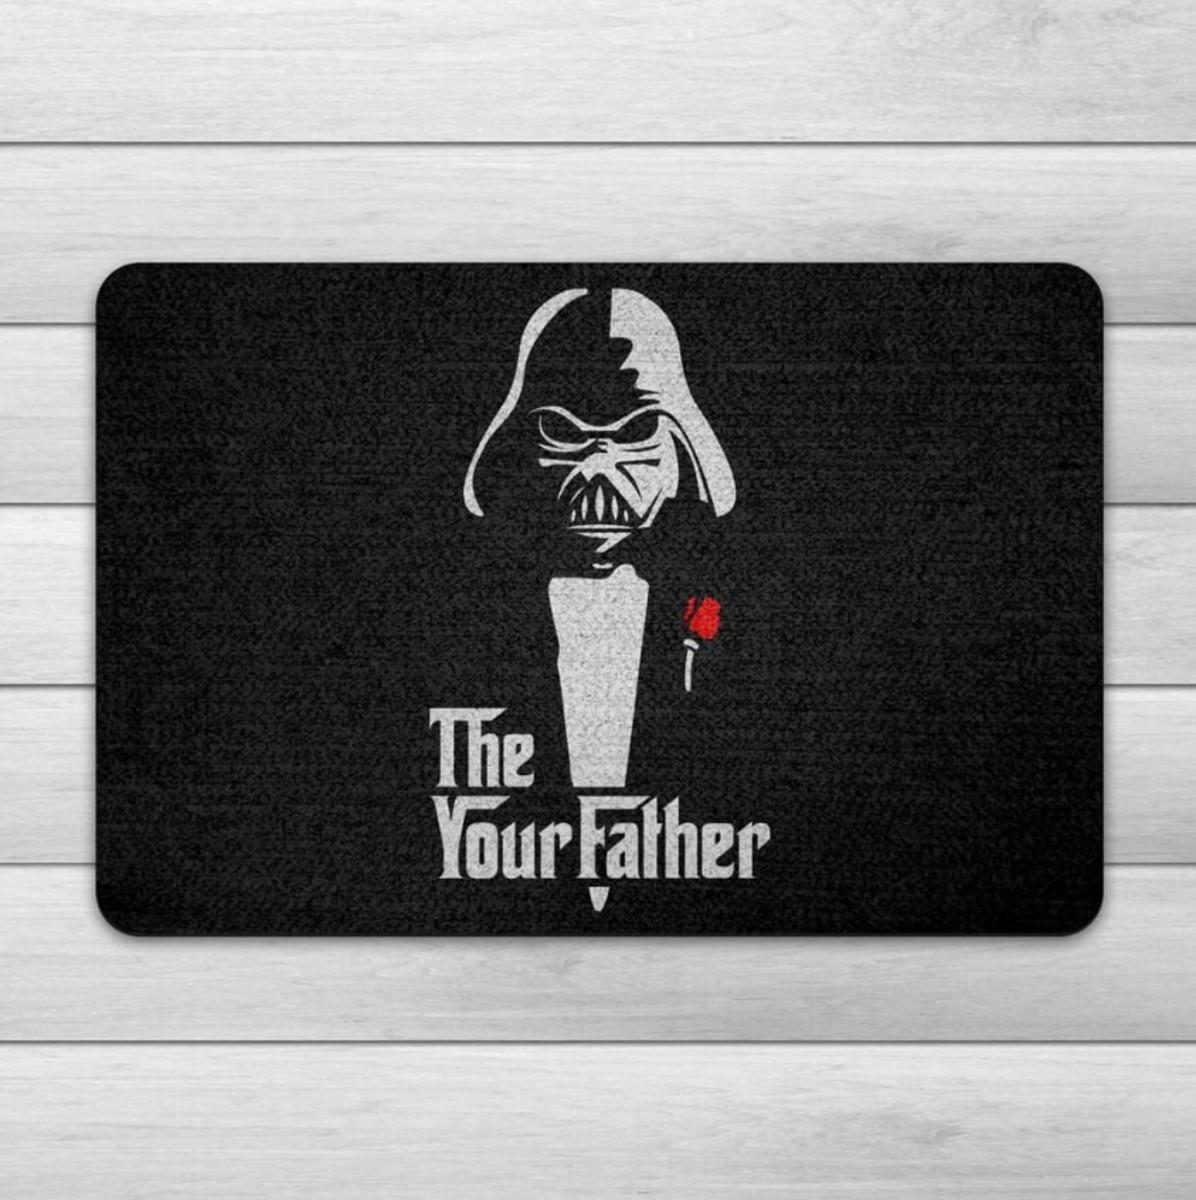 Capacho Ecológico Geek Side - The Your Father no Elo7   Loja Nerd ... 4a1e9b523c